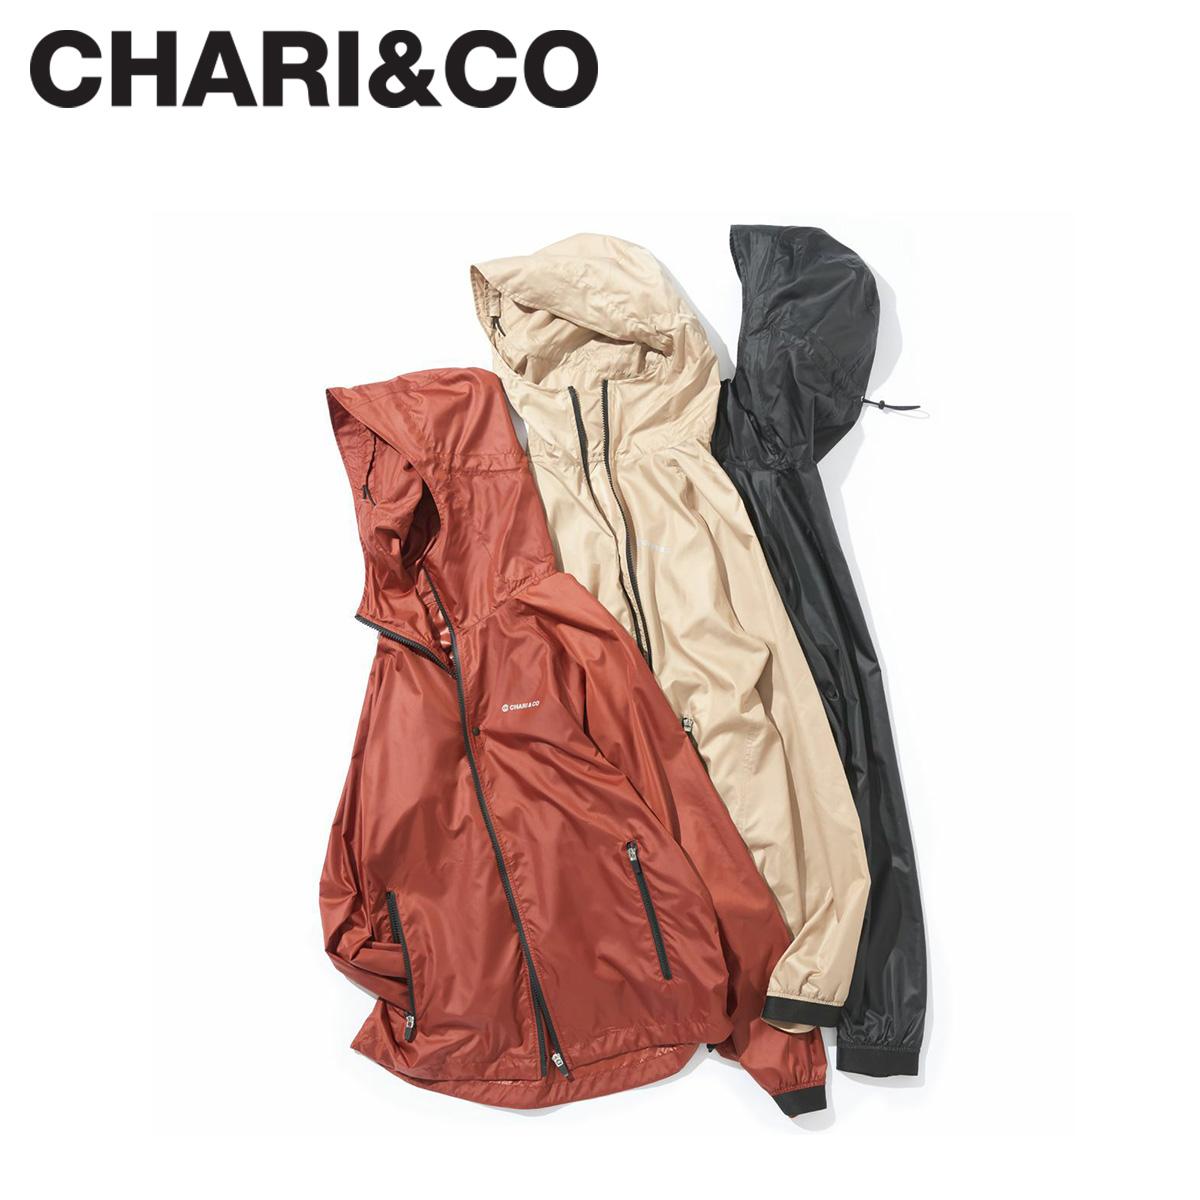 CHARI&CO チャリアンドコー ジャケット マウンテンパーカー メンズ レディース TREK GEAR JKT ブラック ベージュ バーガンディー 黒